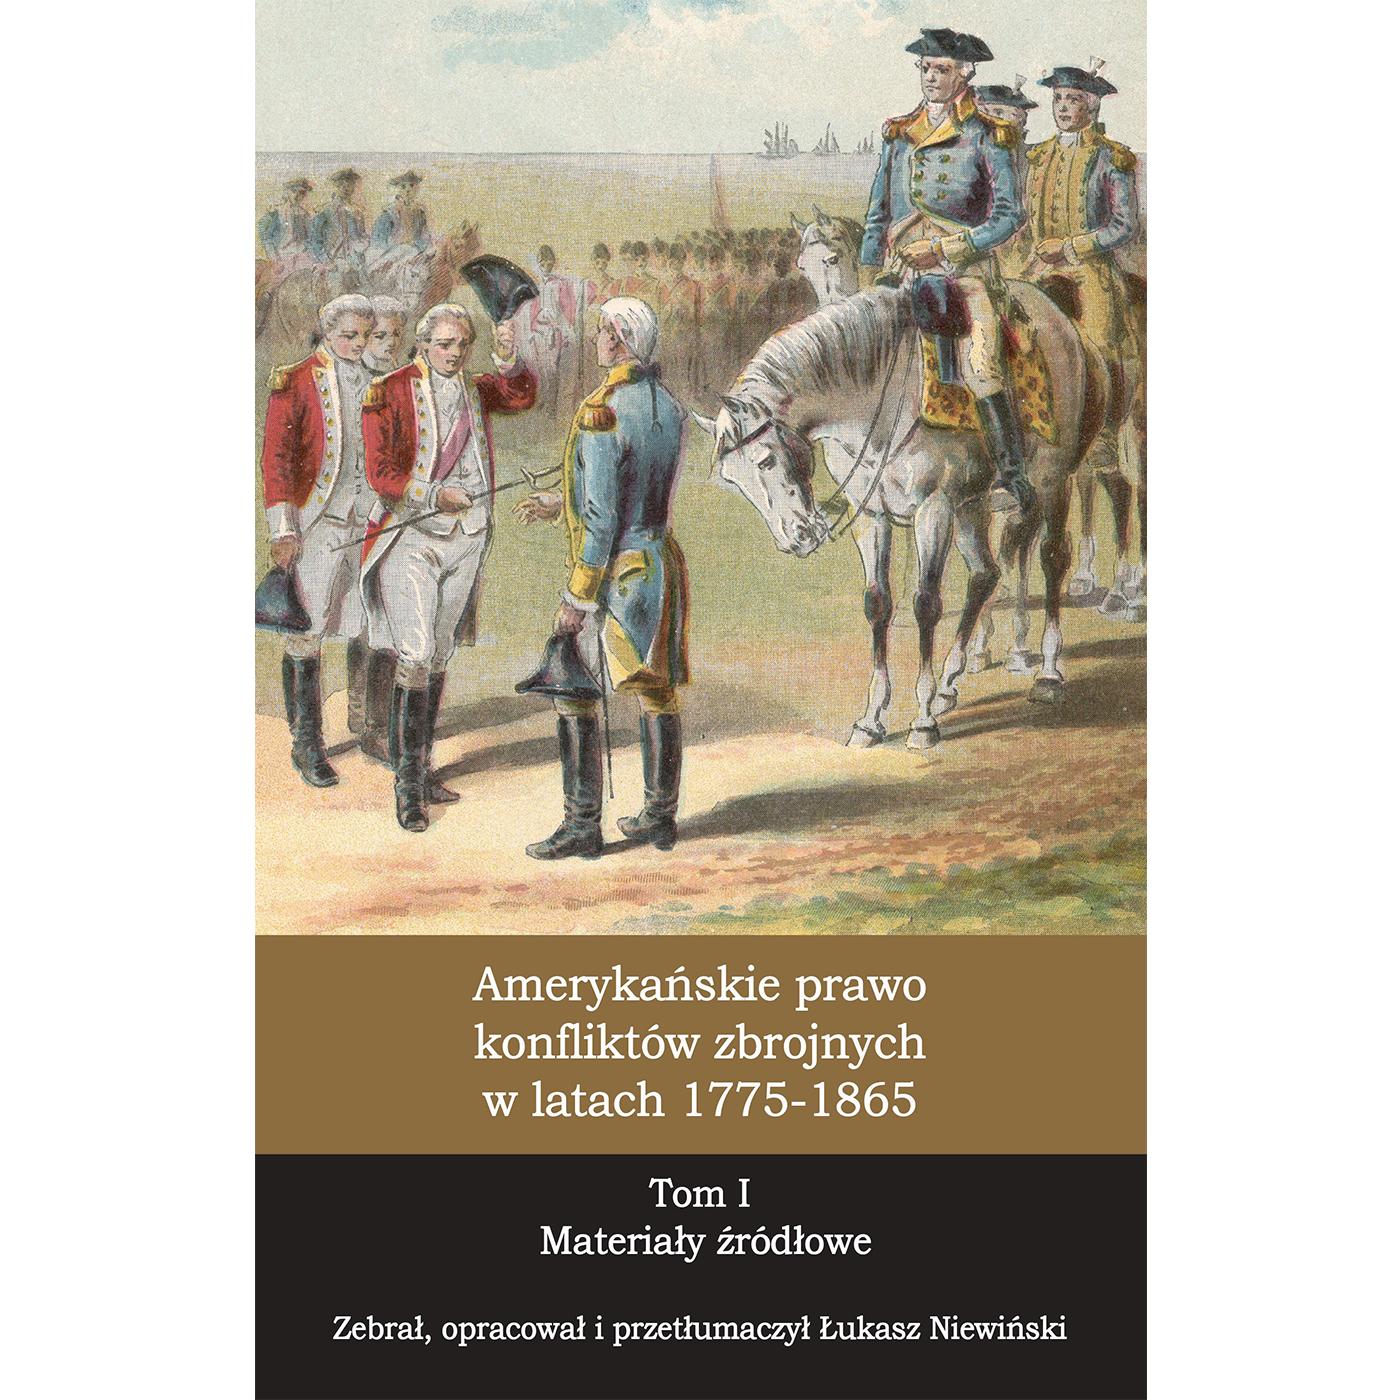 Amerykańskie prawo konfliktów zbrojnych w latach 1775-1865, T. 1 Materiały źródłowe